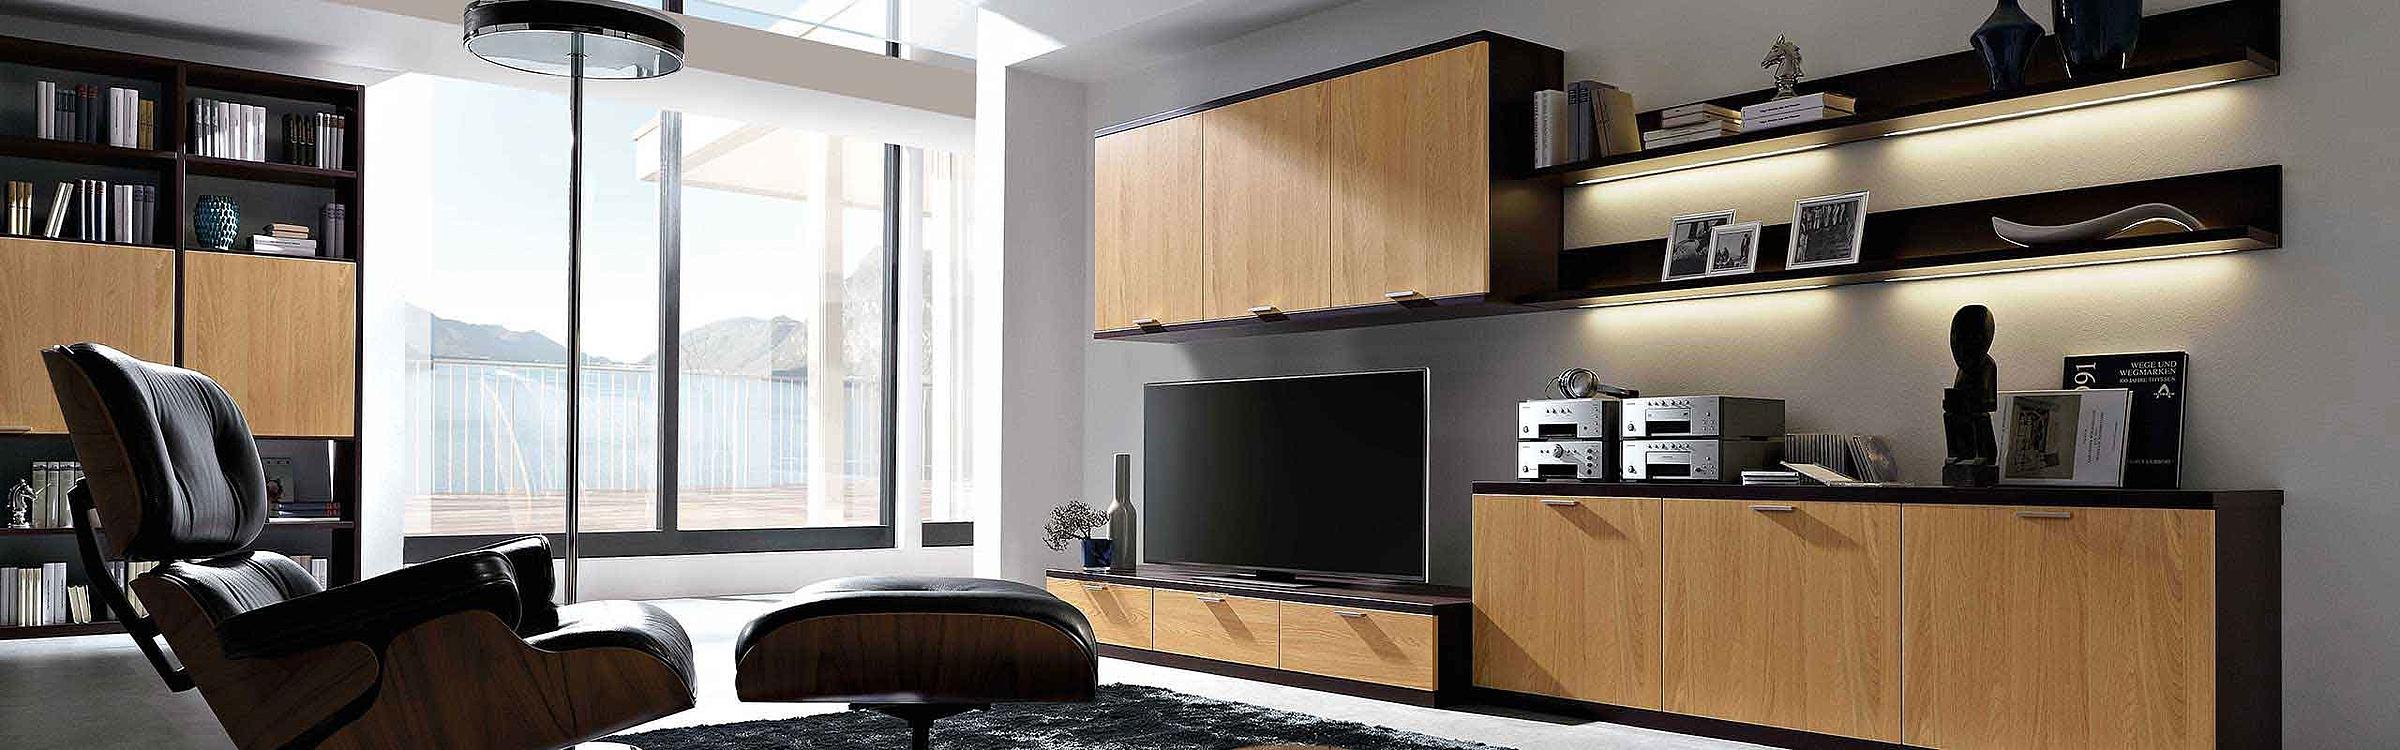 Wohnwand Wohnzimmer Siena